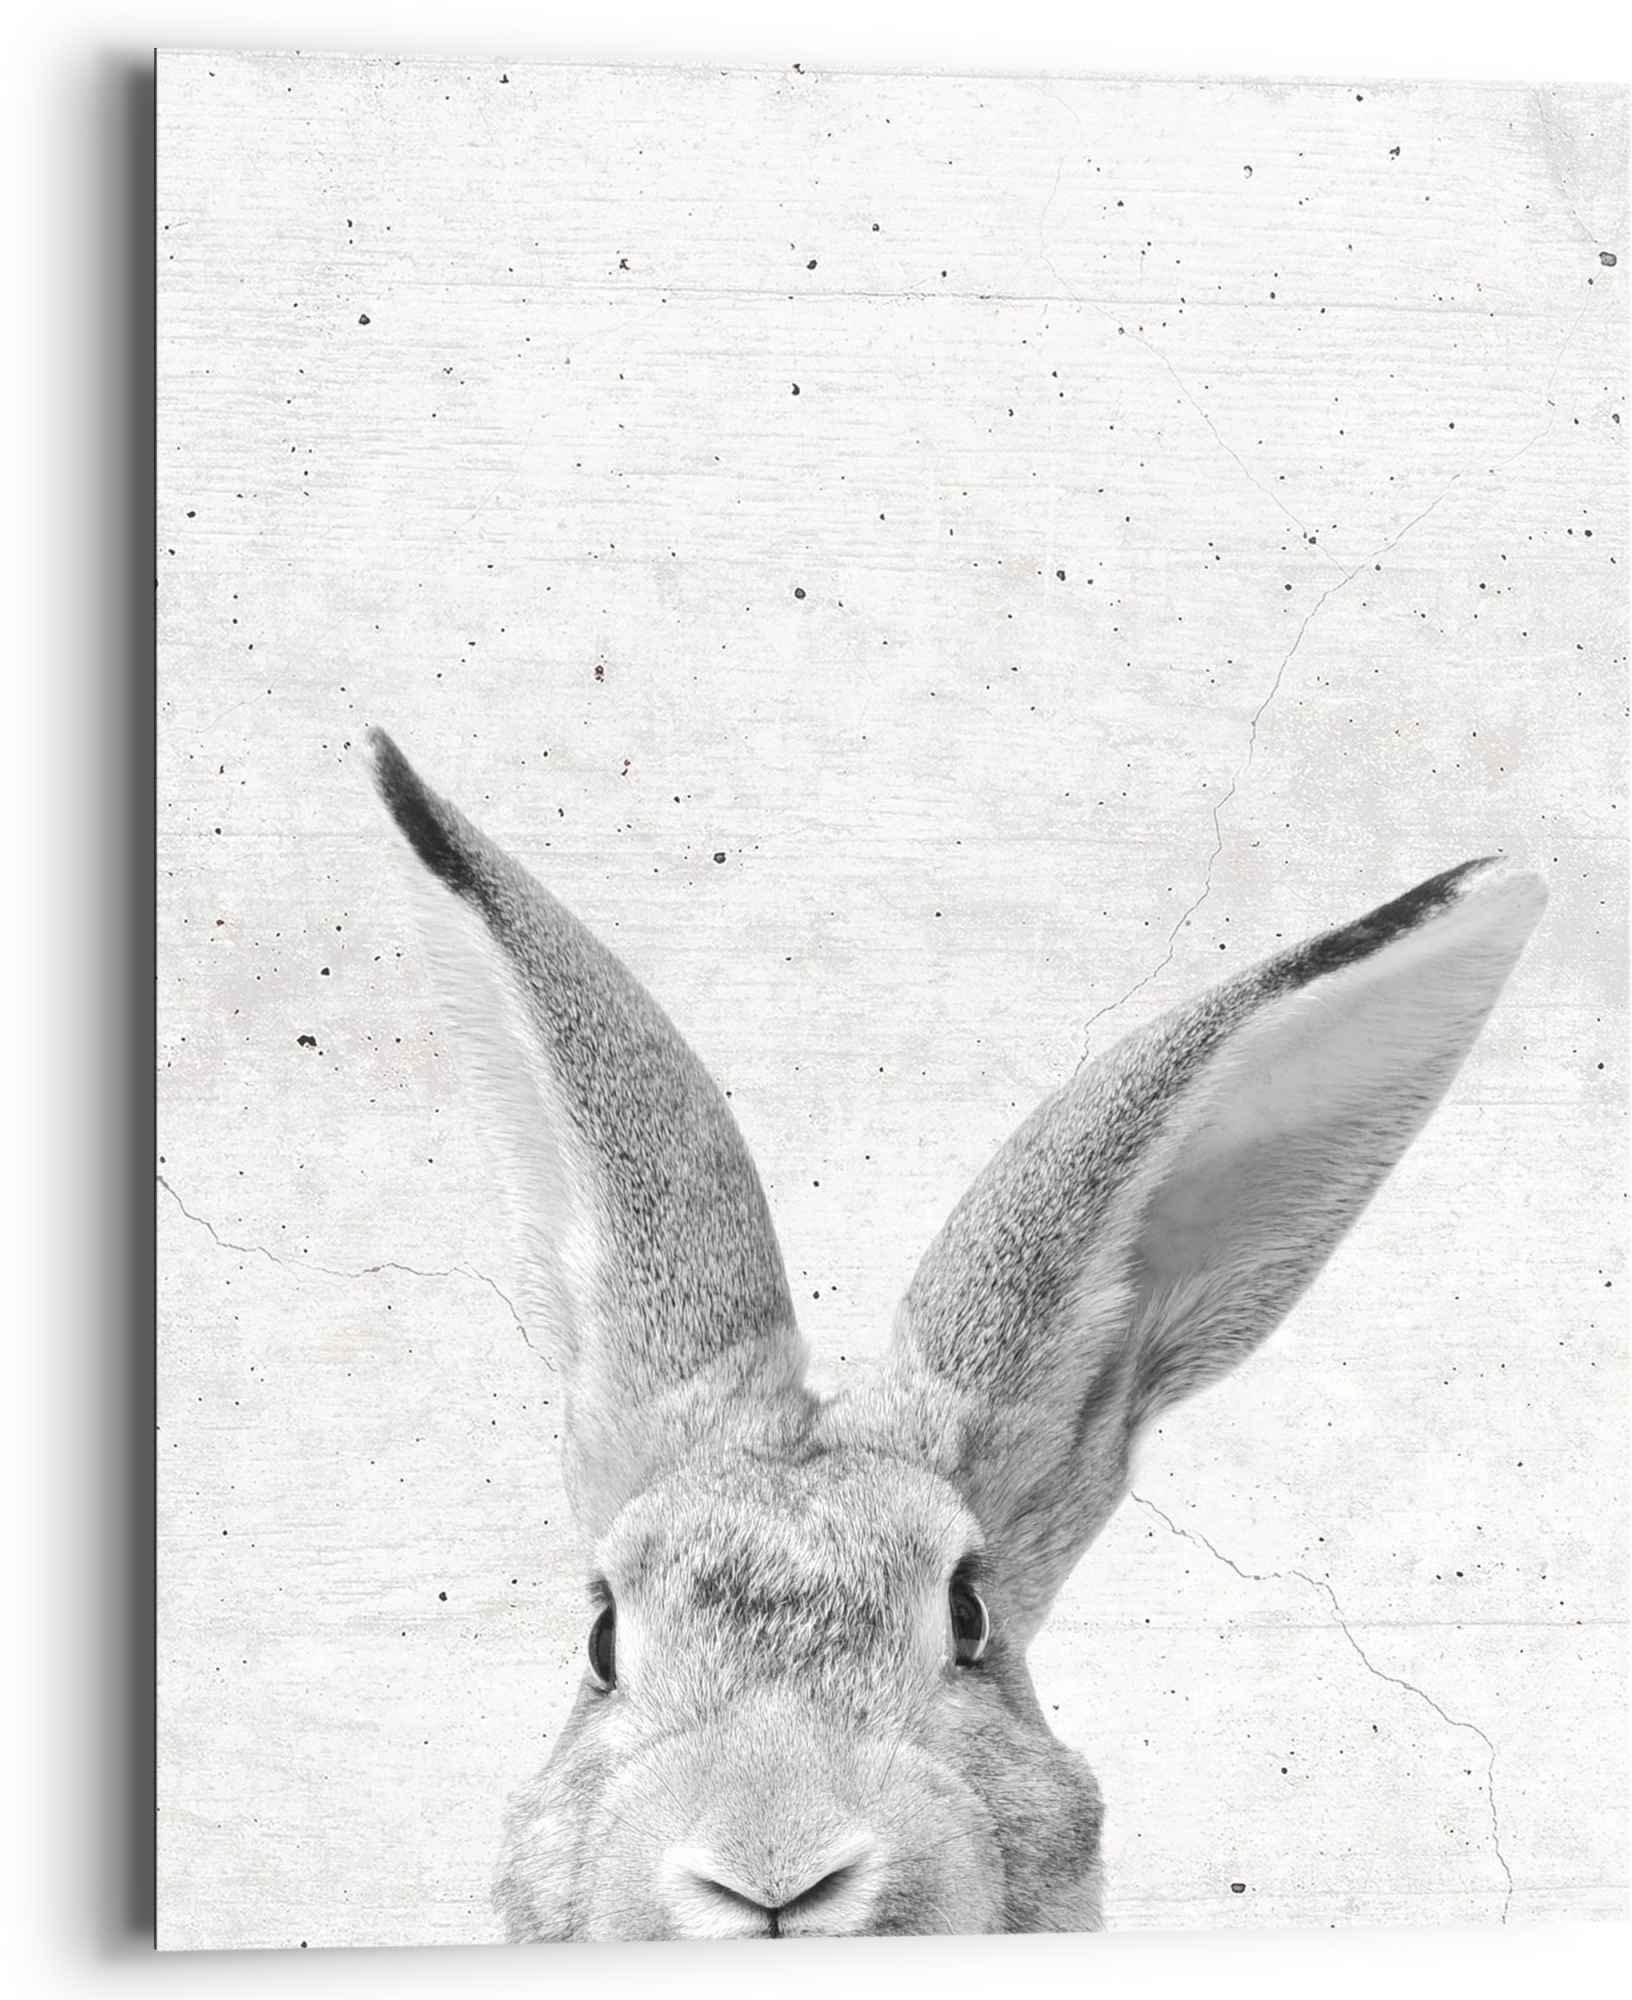 Reinders! artprint konijn bekijkt je diermotief - haas - schattig (1 stuk) goedkoop op otto.nl kopen